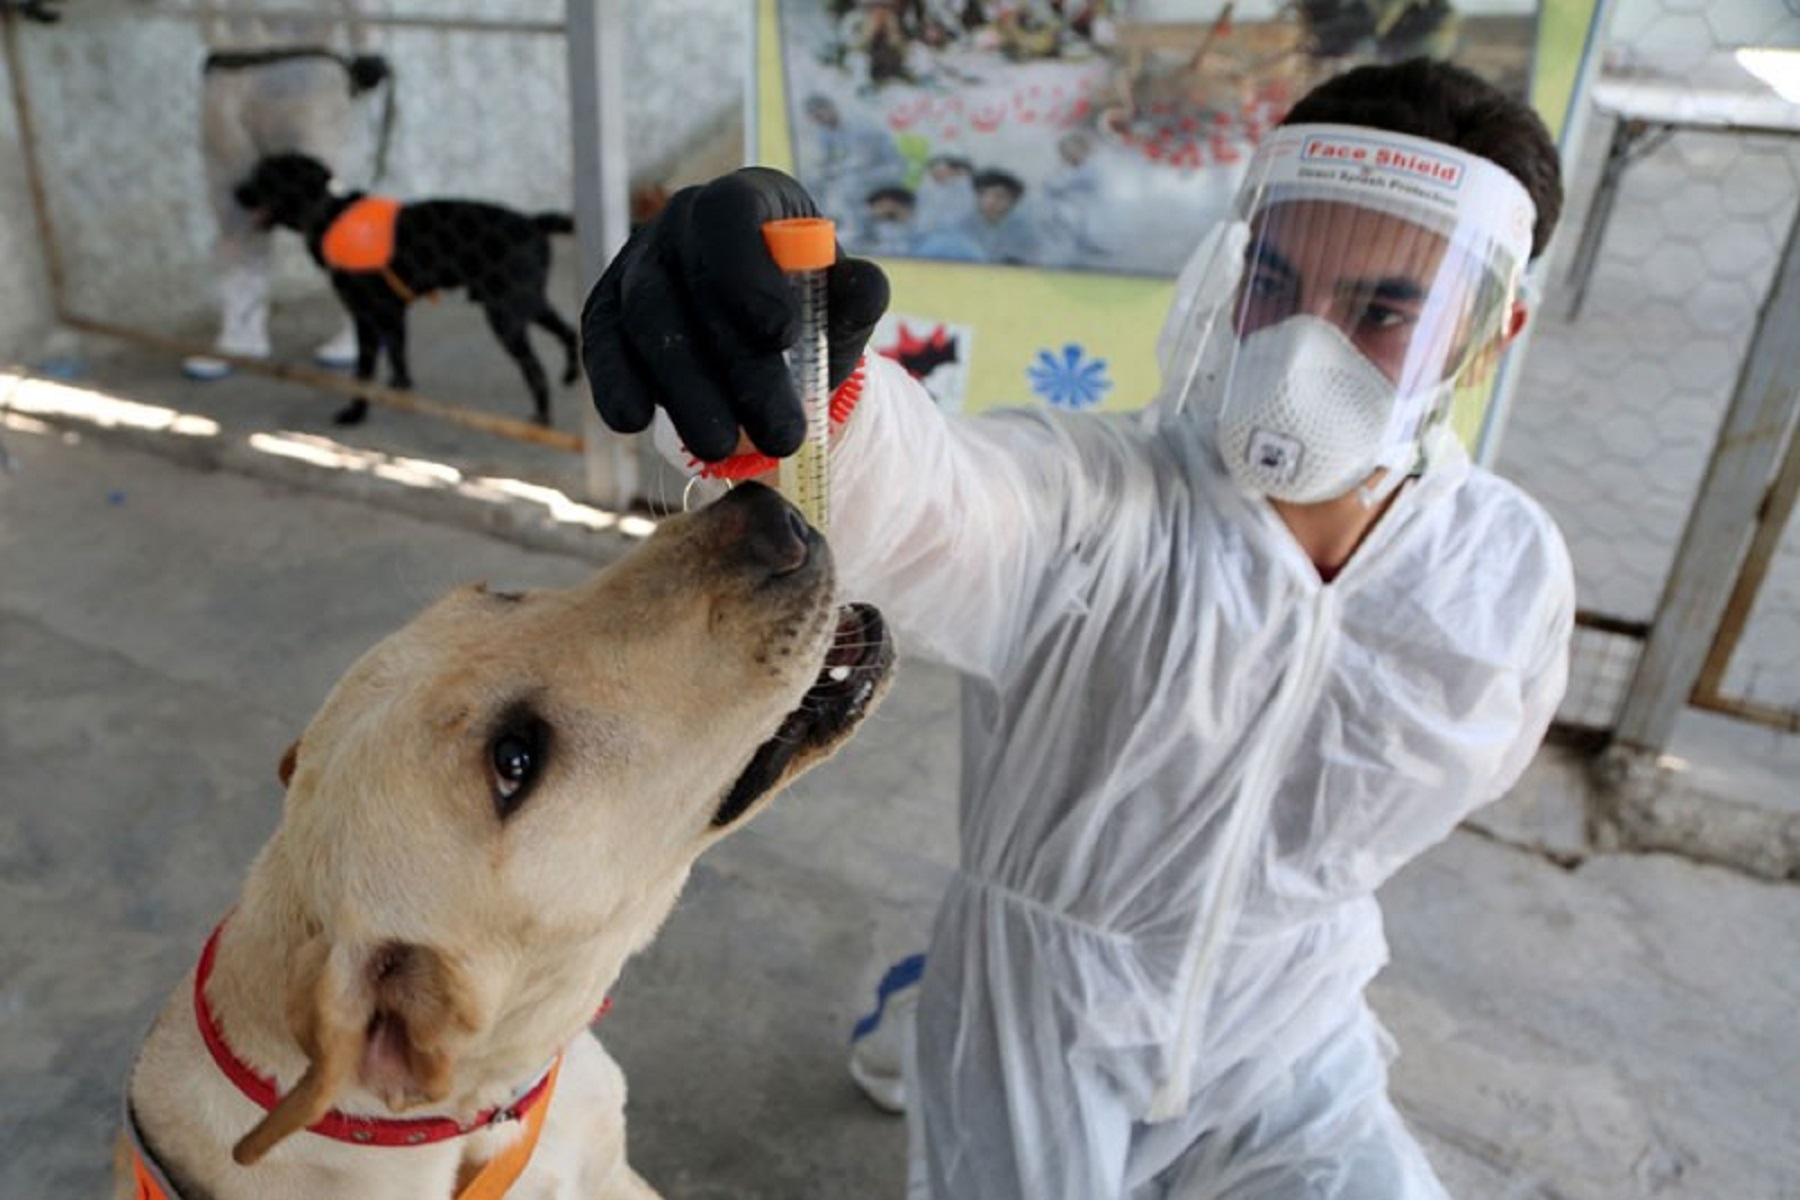 Σκύλοι Covid-19: Εκπαίδευση για την ανίχνευση της νόσου – μέθοδος φθηνότερη από τα τεστ